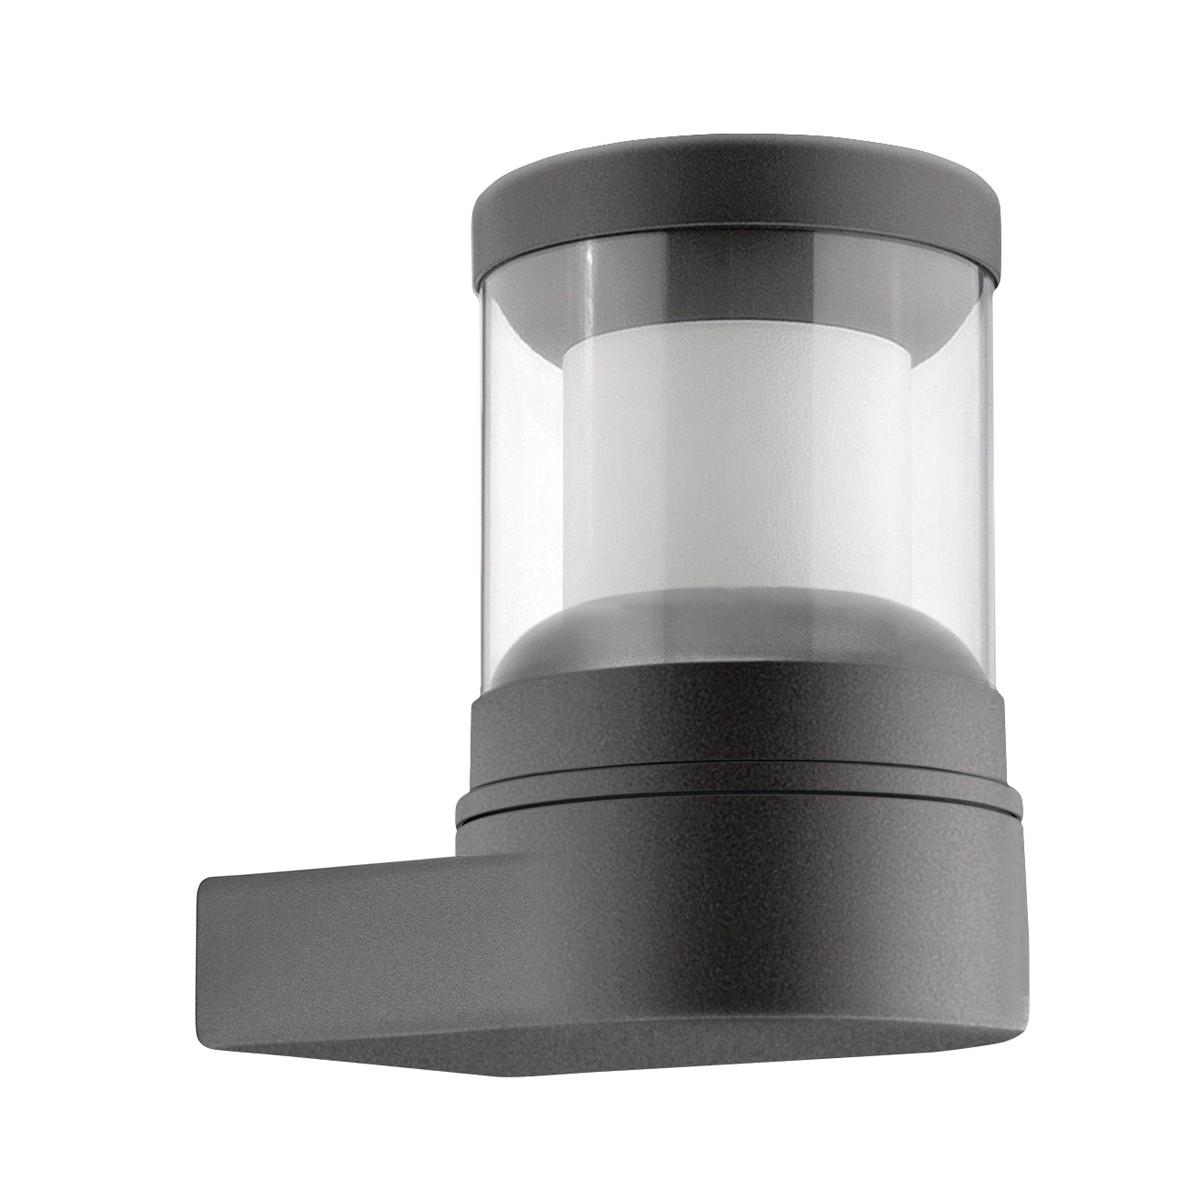 LCD Außenleuchten 1263/1273 Wandleuchte, graphit